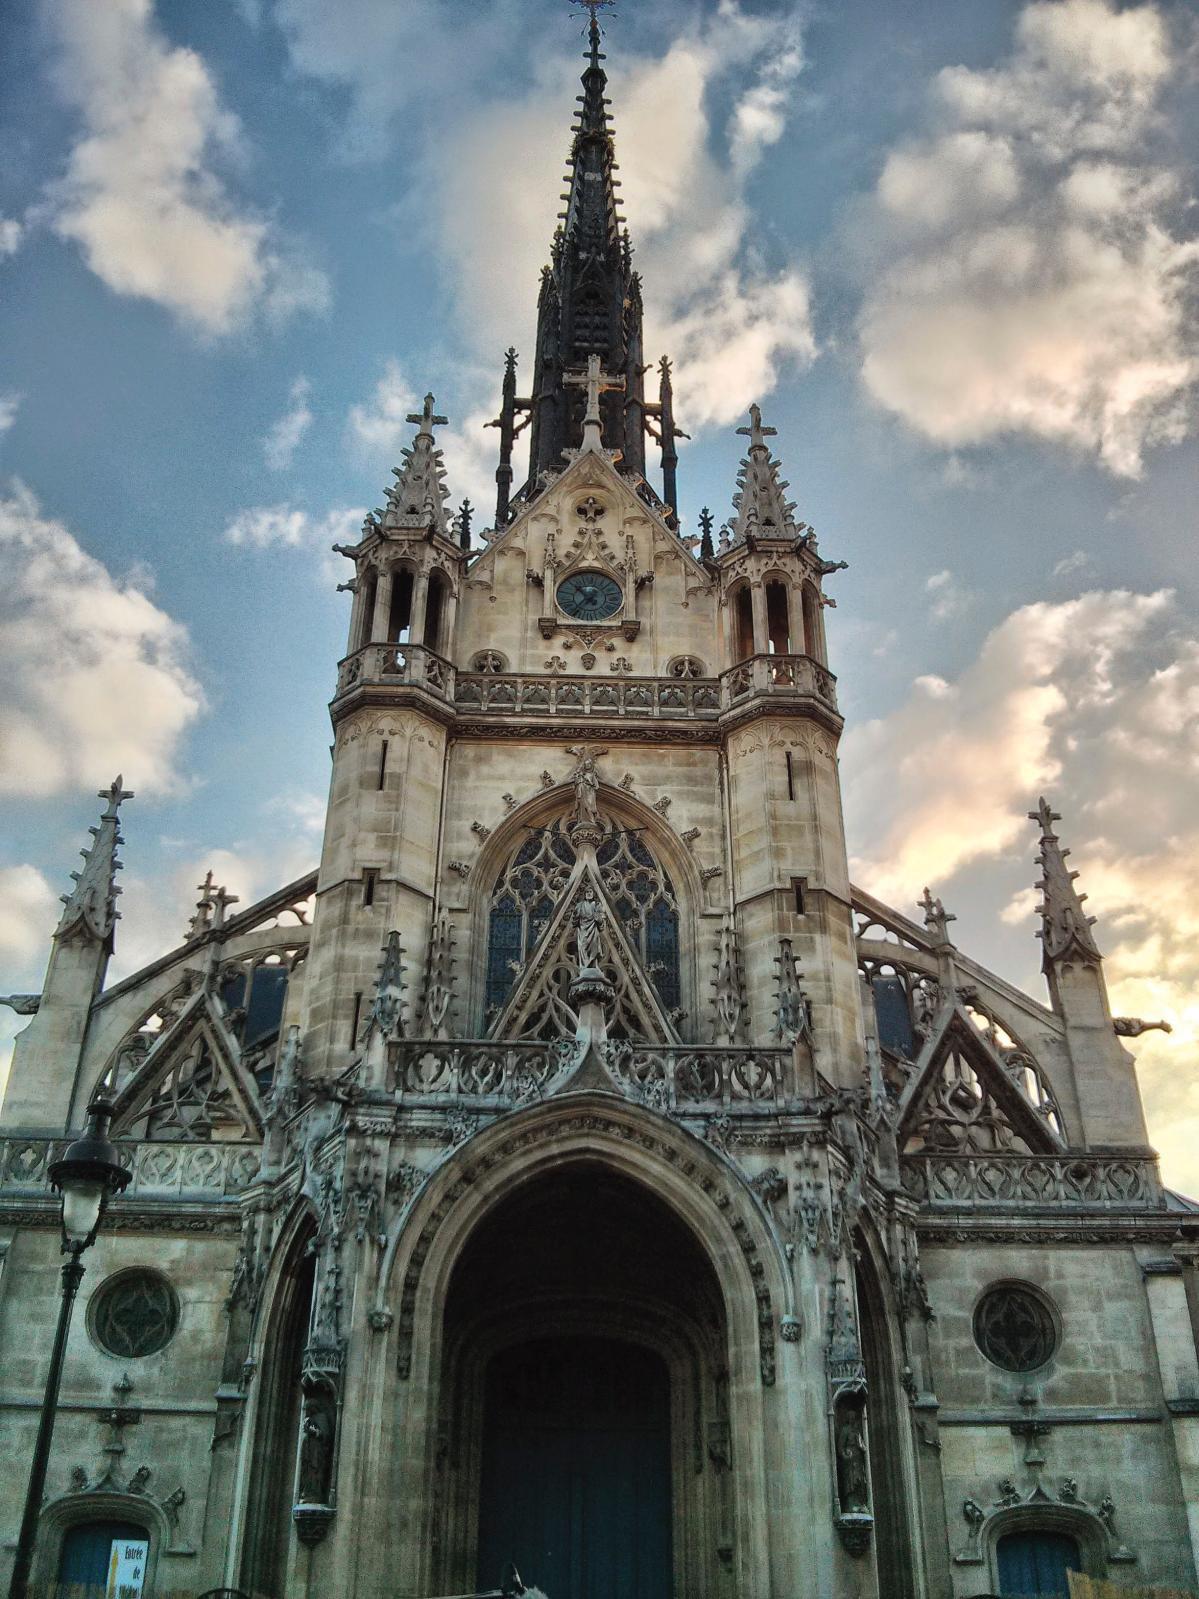 Church of Saint-Bernard-de-la-Chapelle, Paris, 18th arrondissement© Luca Vezzoli